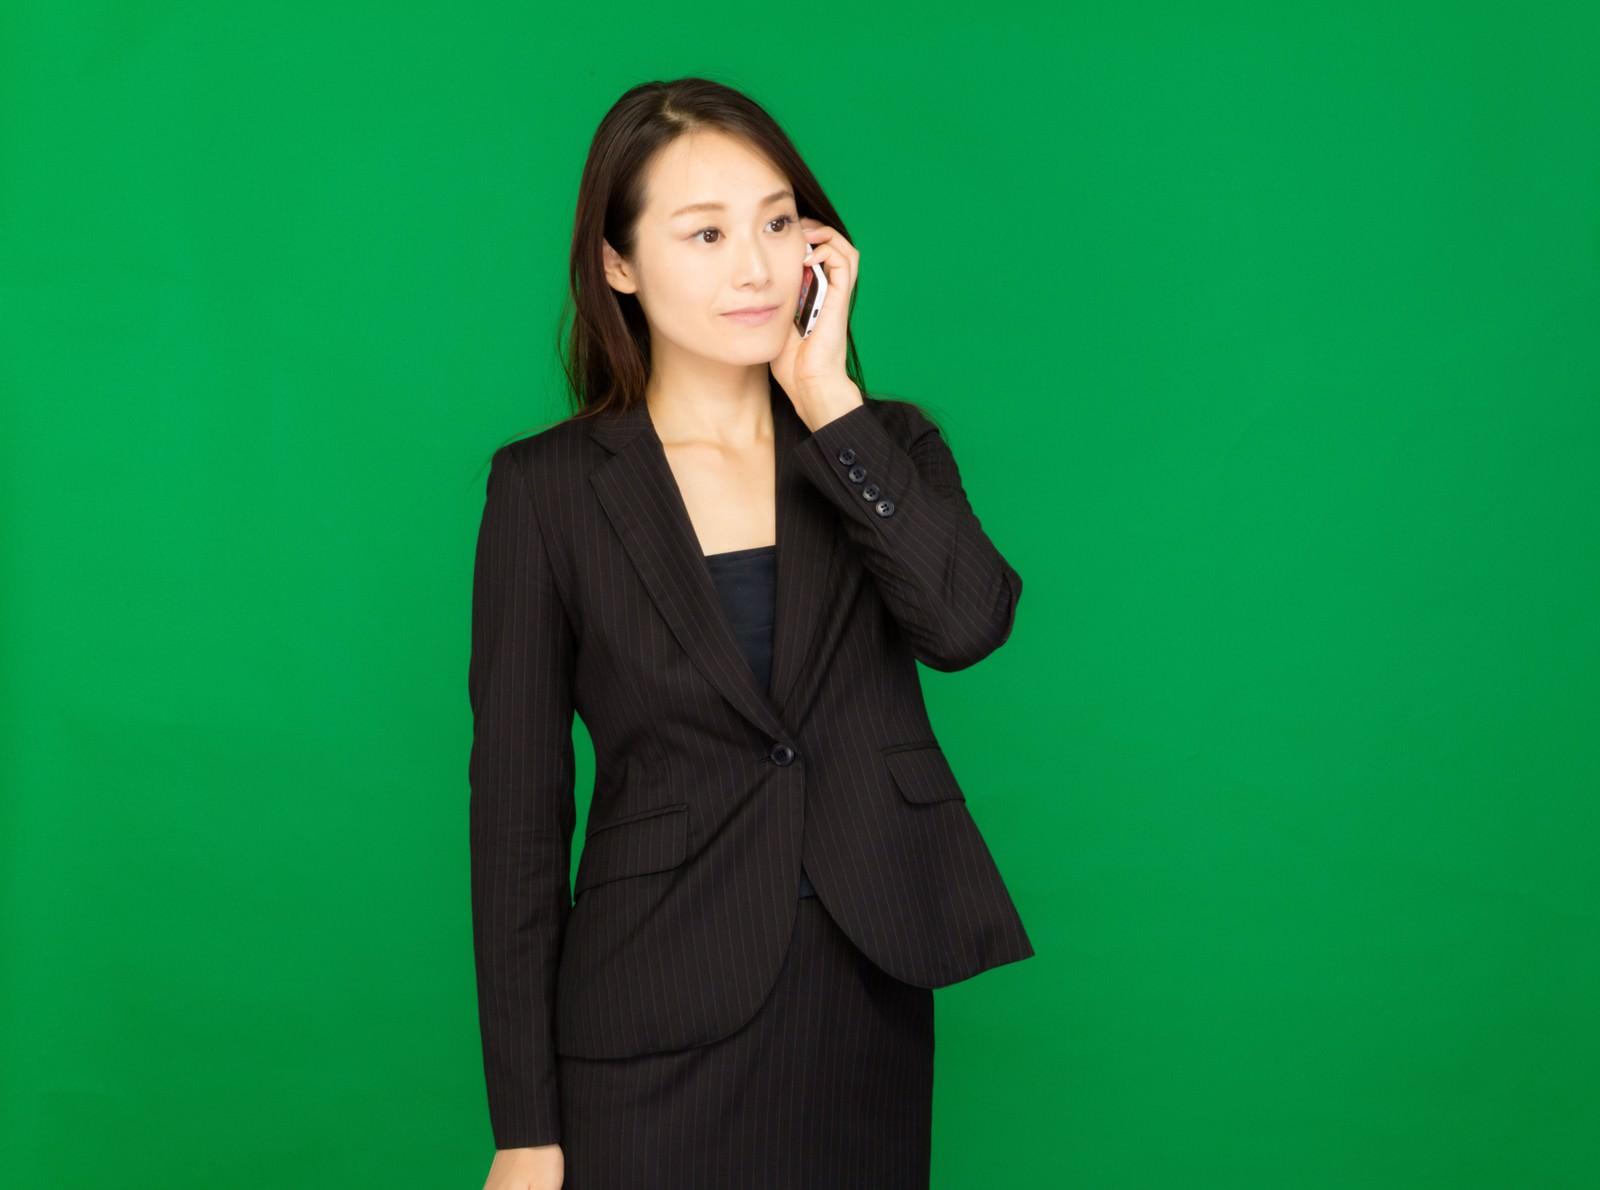 「電話で社長に確認するキャリアウーマン(グリーンバック) | 写真の無料素材・フリー素材 - ぱくたそ」の写真[モデル:土本寛子]